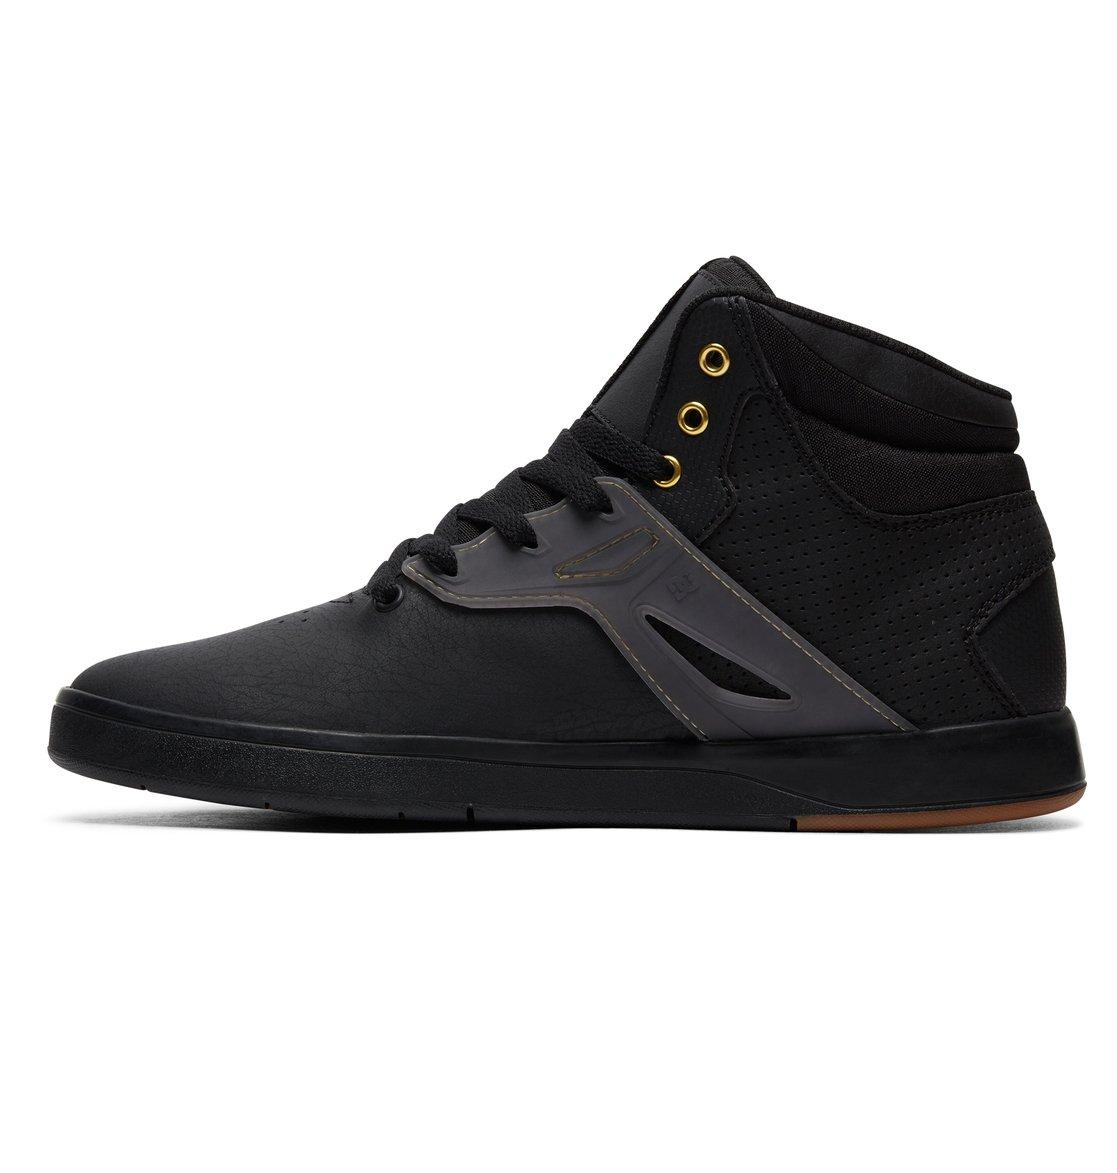 dc shoes Frequency High - Scarpe Alte da Uomo - Black - DC Shoes